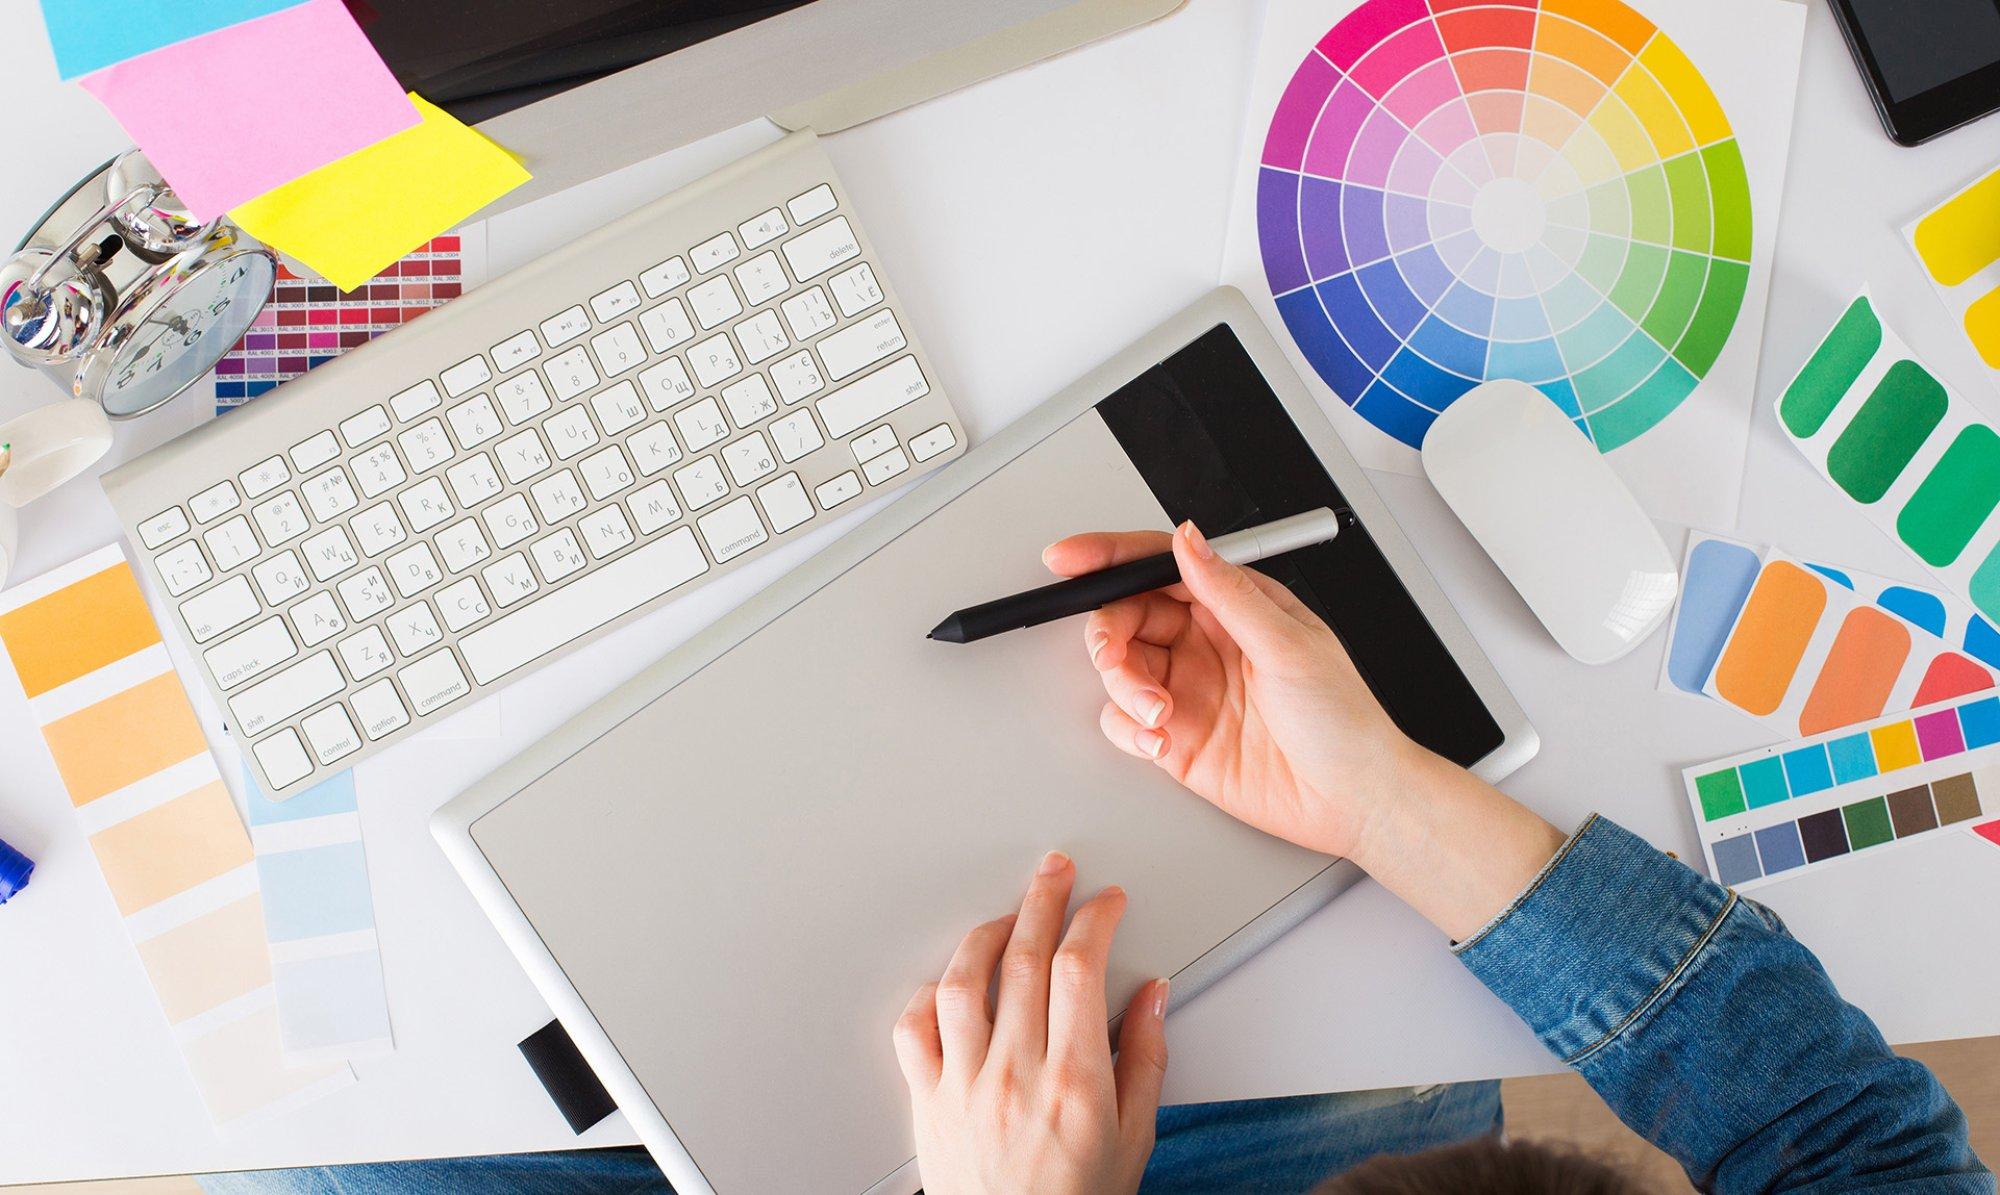 Thiết kế sáng tạo là ngành học vô cùng tiềm năng trong thời đại hiện nay.